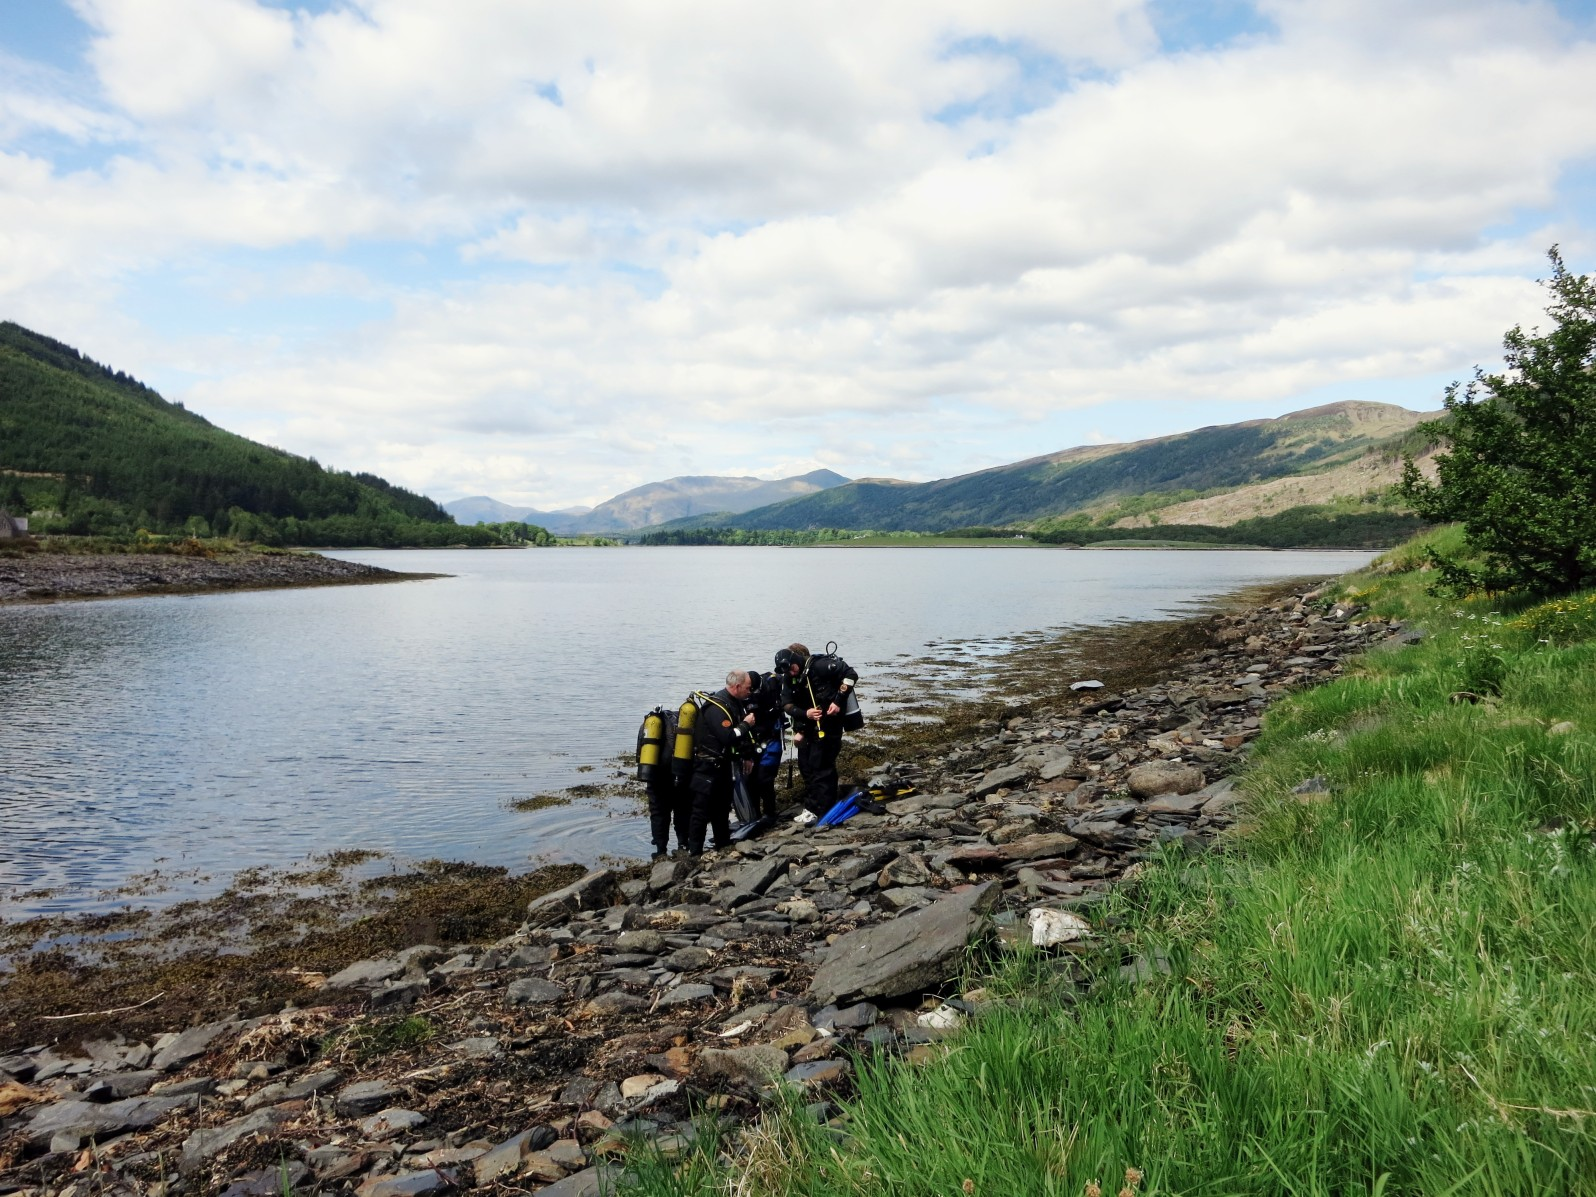 Scuba diving the Slates Ballachulish Loch Leven Scotland